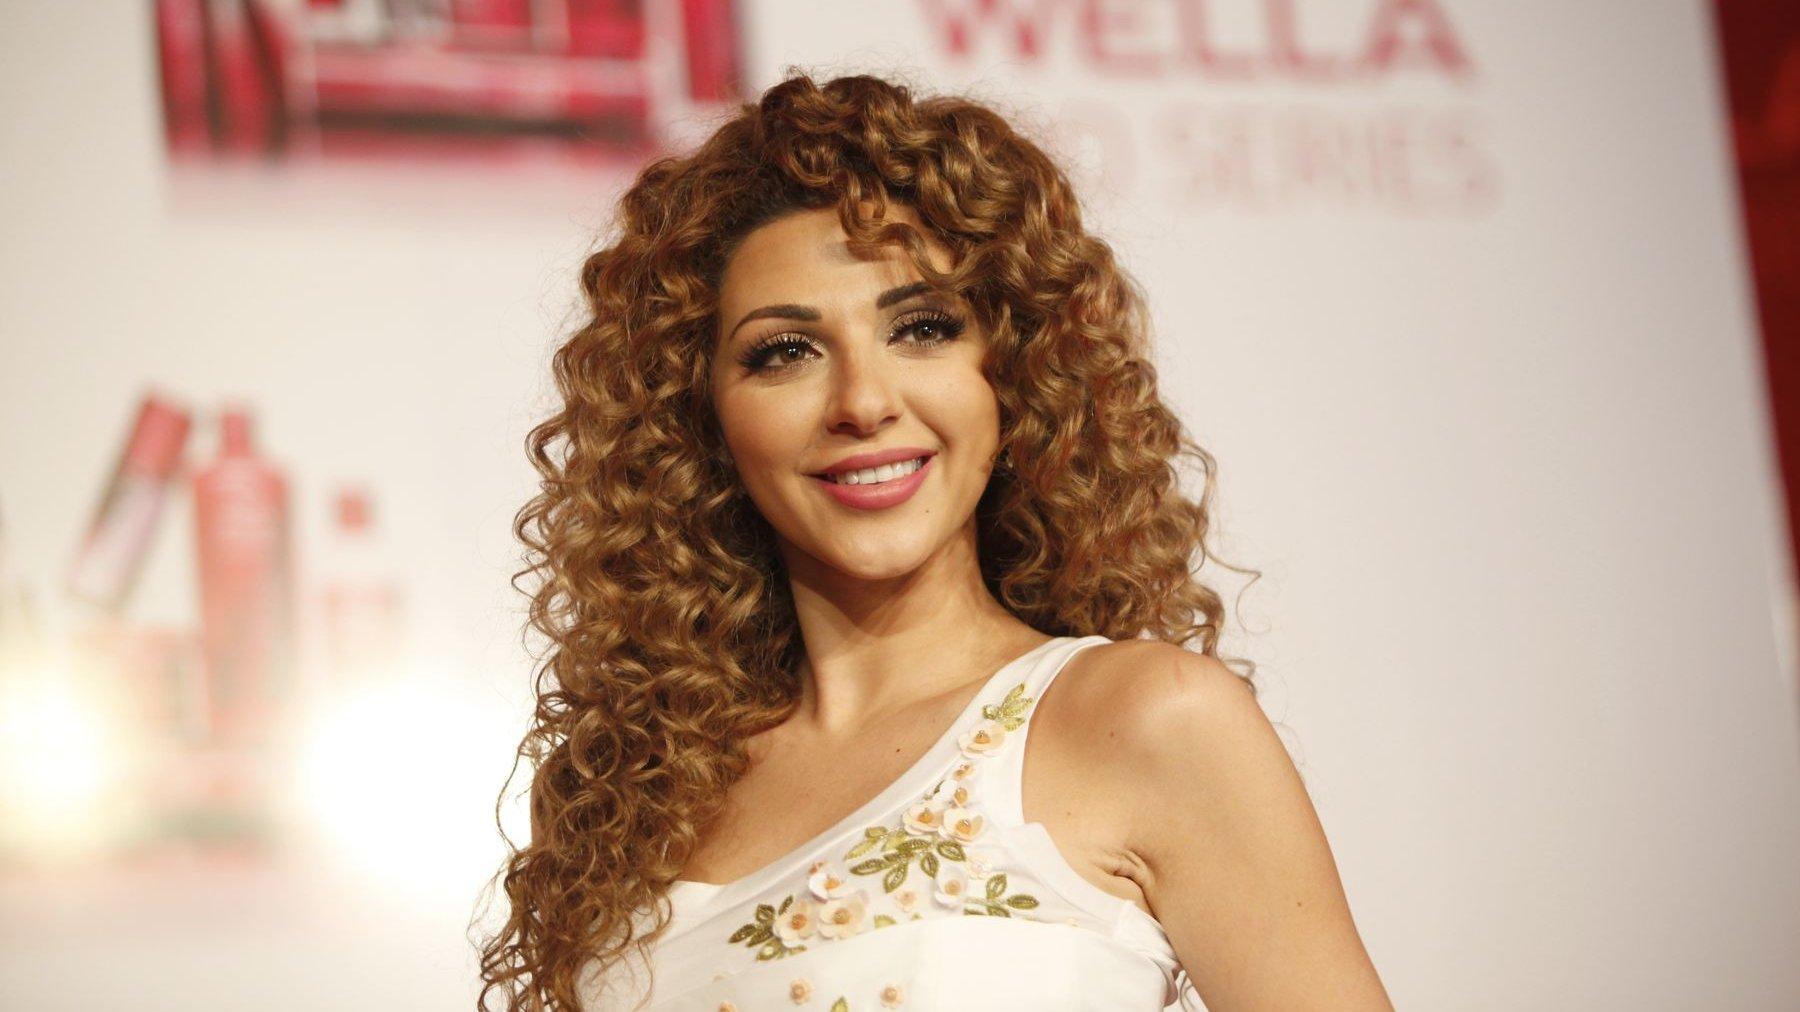 نشرت النجمة ميريام فارس على حسابها بالإنستغرام فيديوهات وصور عدة لها أثناء إحيائها إحدى حفلات الزفاف في الخليج